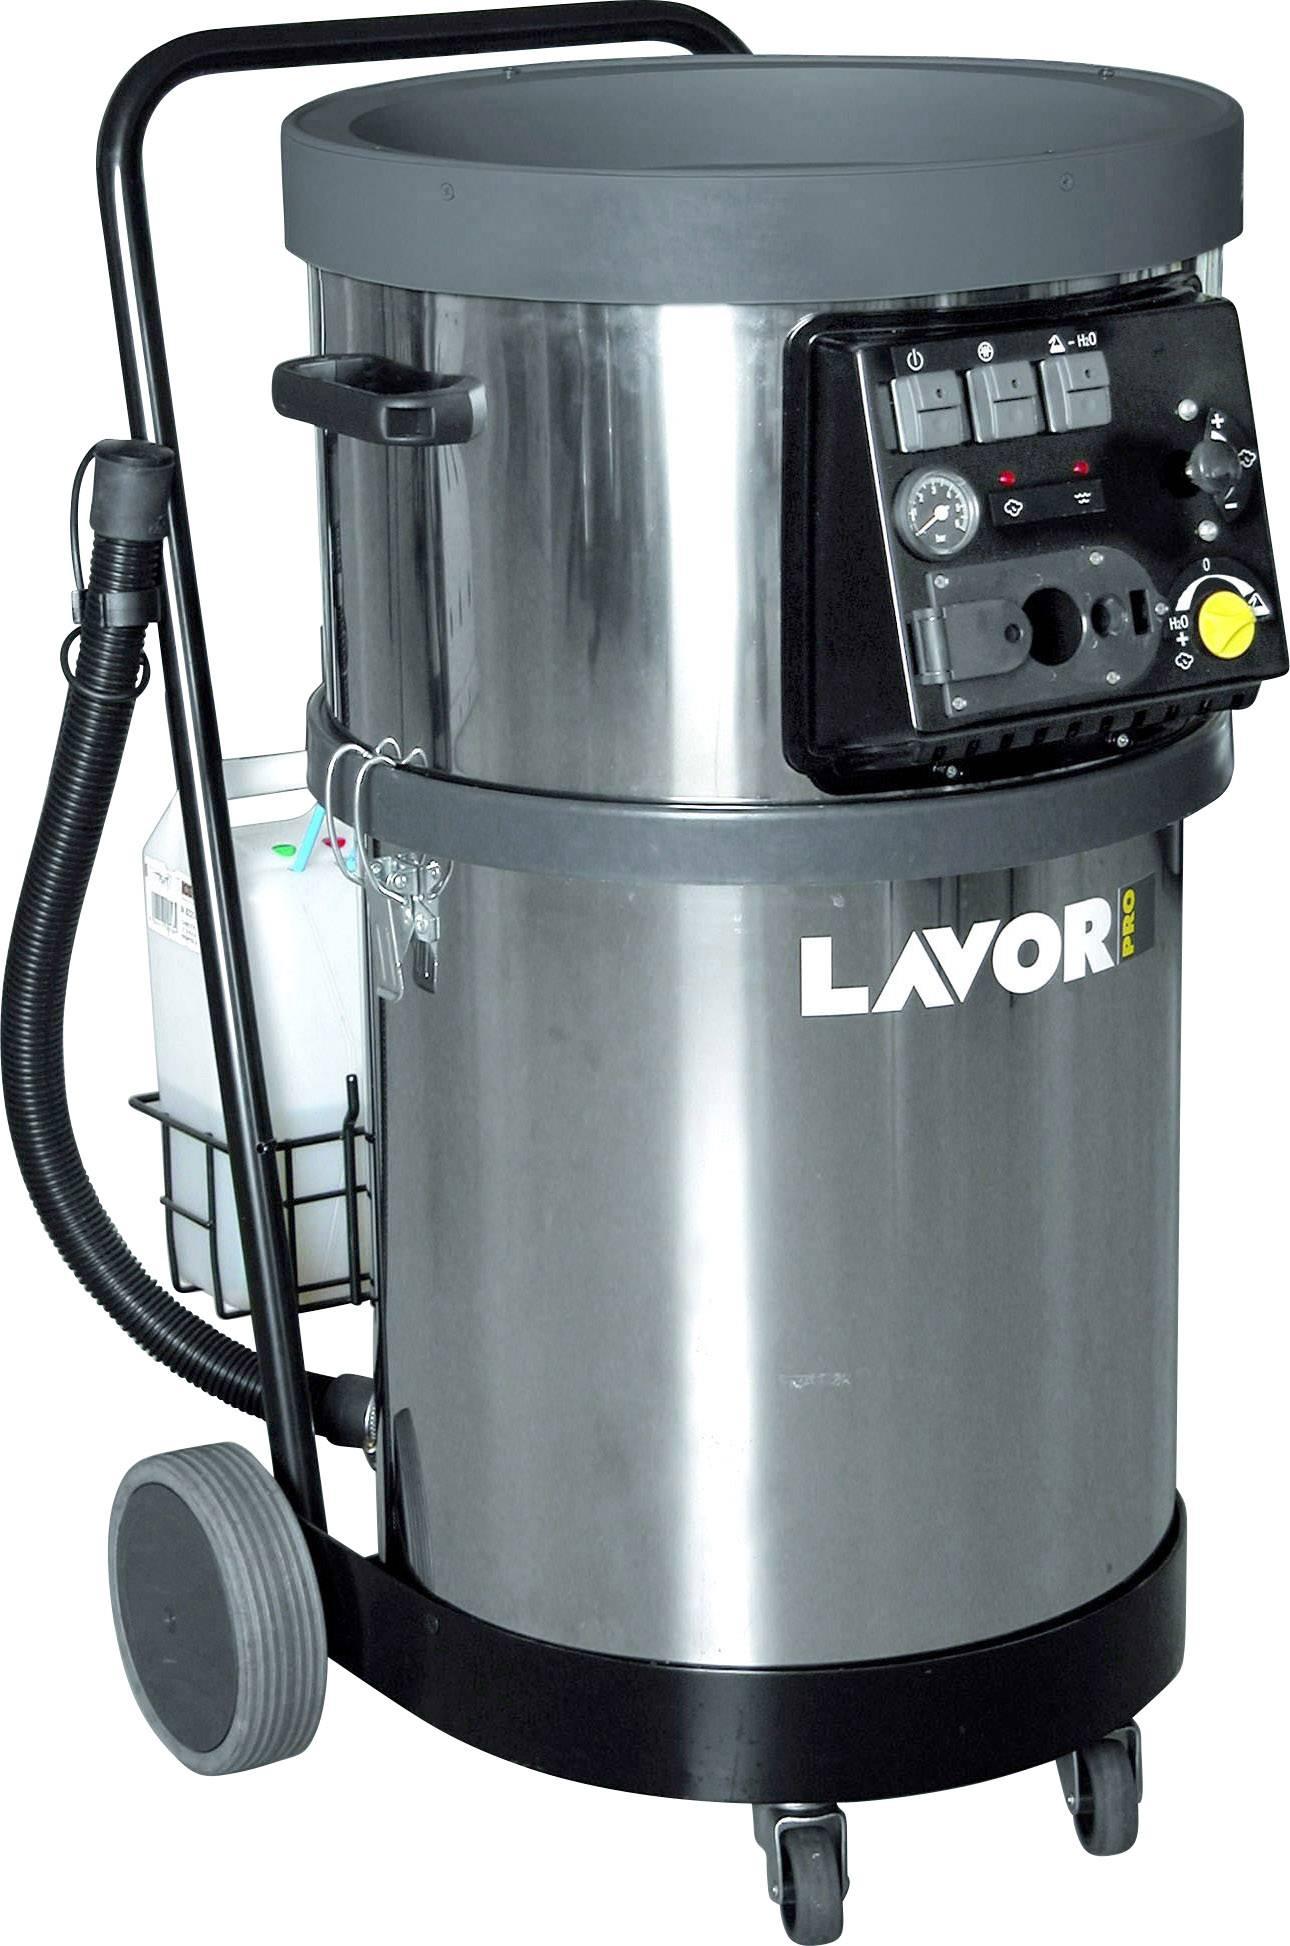 Parný čistič Lavor GV Etna 4000 Plus 8.451.0101, 1100 W, sivostrieborná